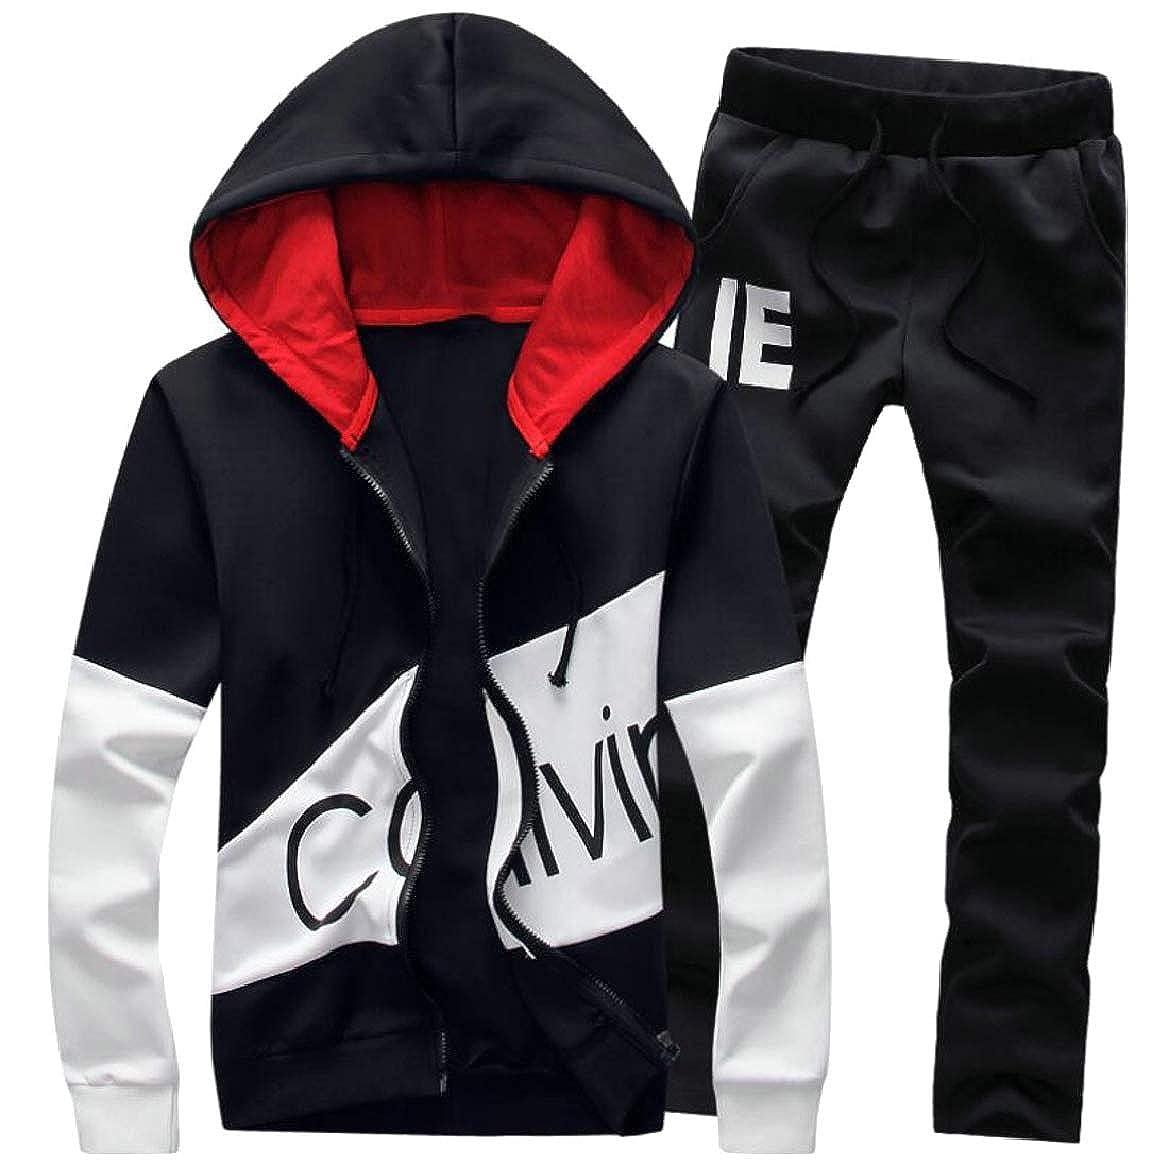 pujingge Mens Tracksuit Set Full Zip Print Hooded Sweatshirt Tops Pants Sweat Suit